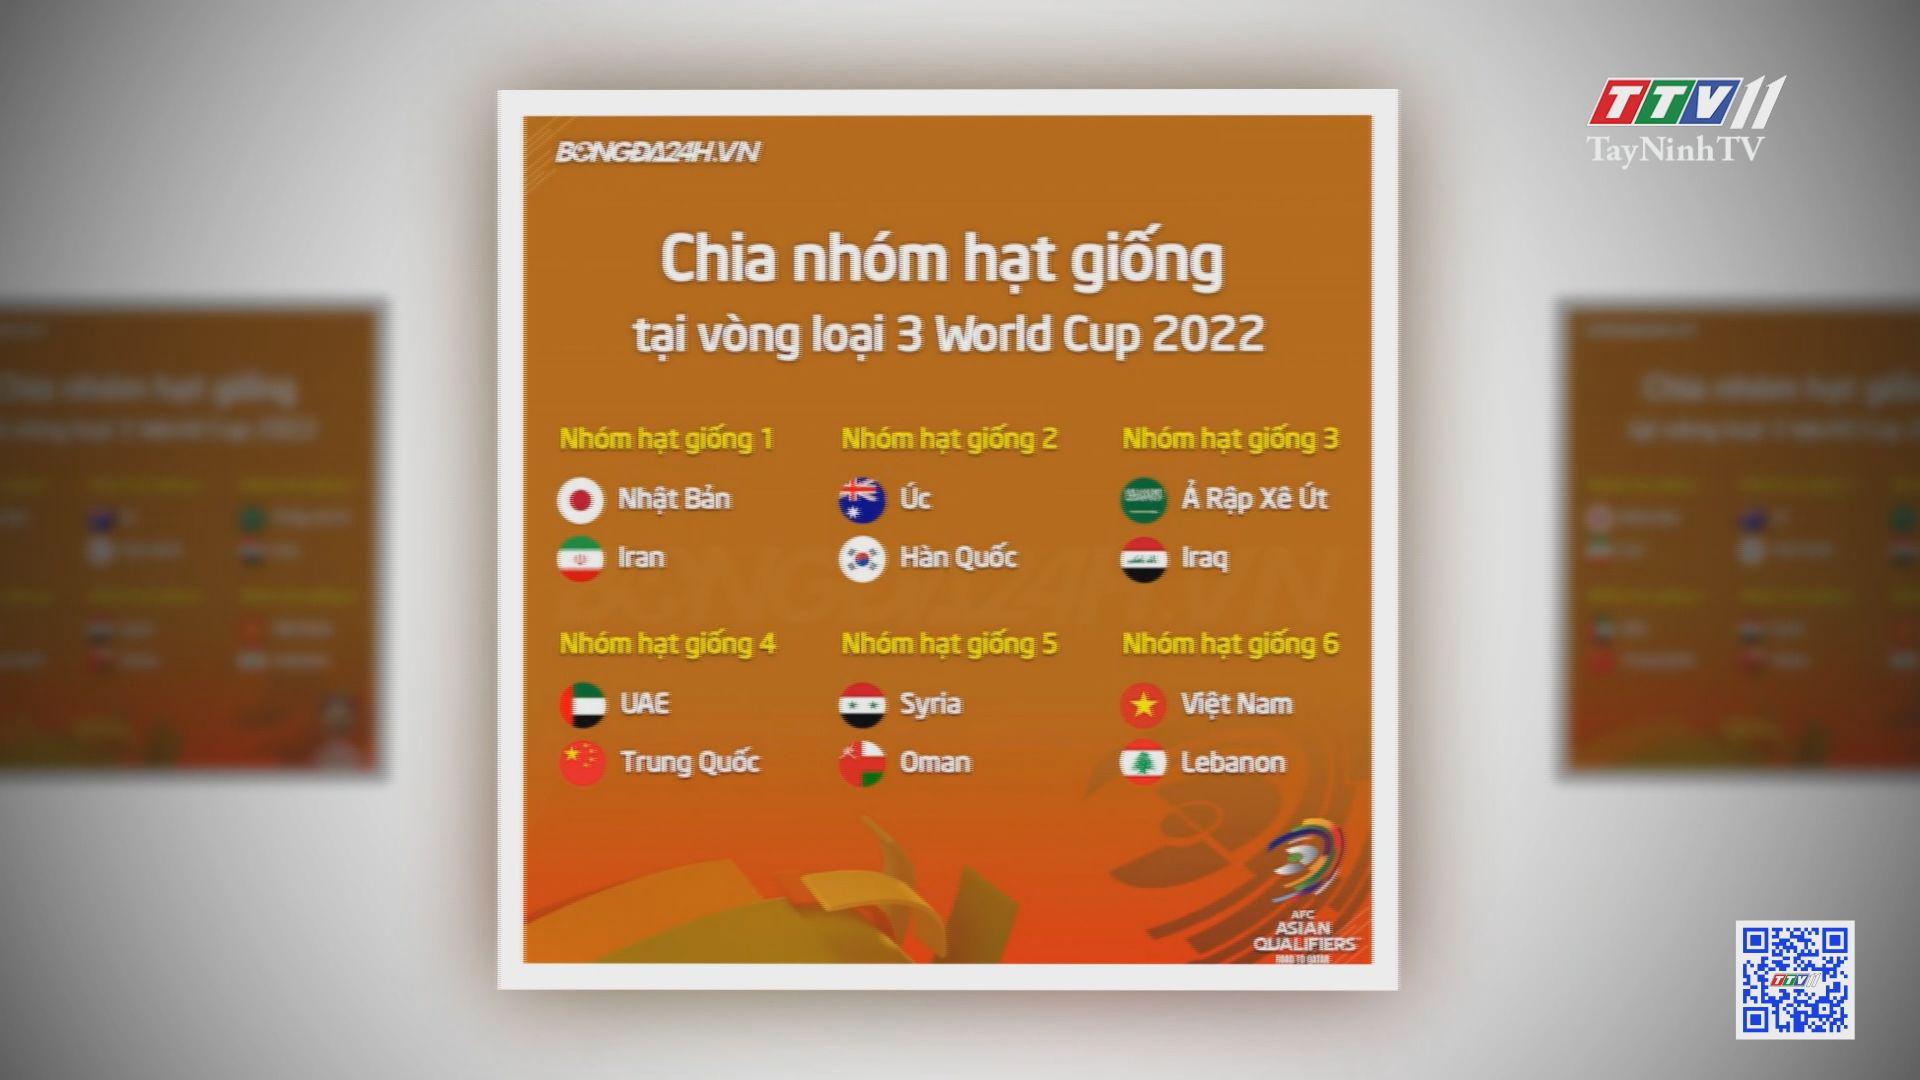 Lễ bốc thăm vòng loại cuối cùng WORLD CUP 2022 khu vực châu Á sẽ diễn ra vào ngày 01/7/2021 | BẢN TIN THỂ THAO | TayNinhTVE